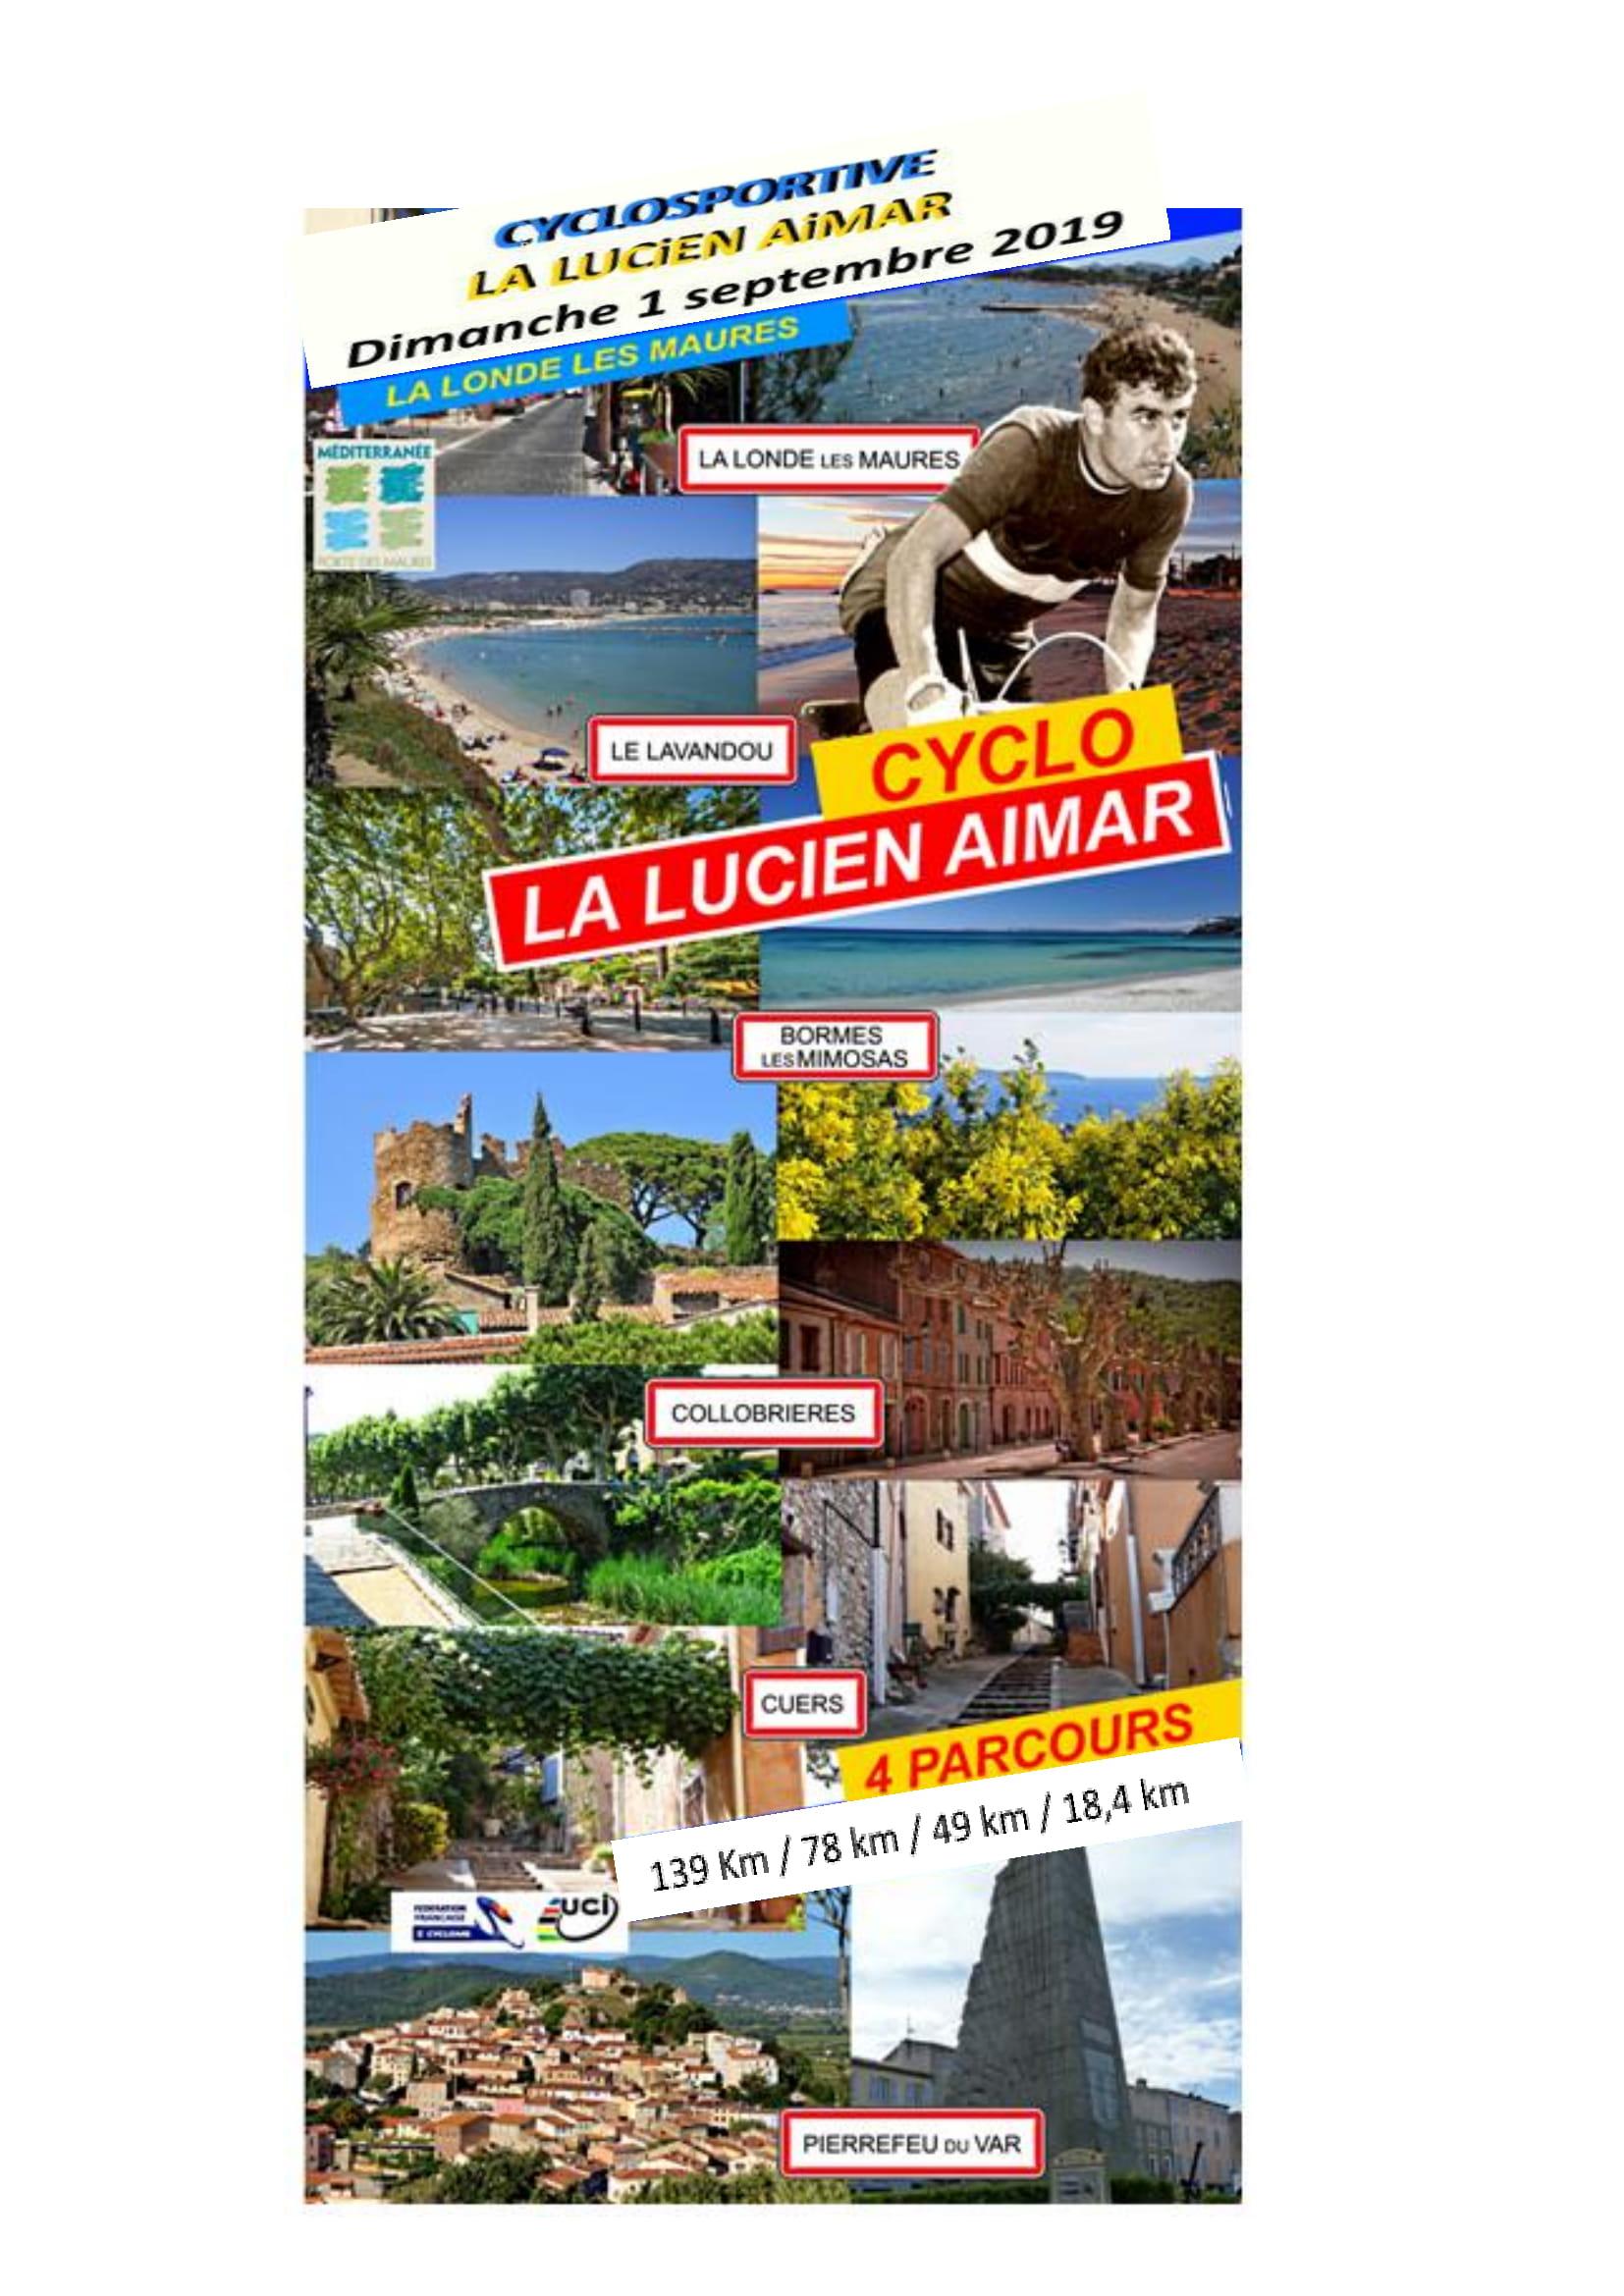 La Lucien Aimar - 49km